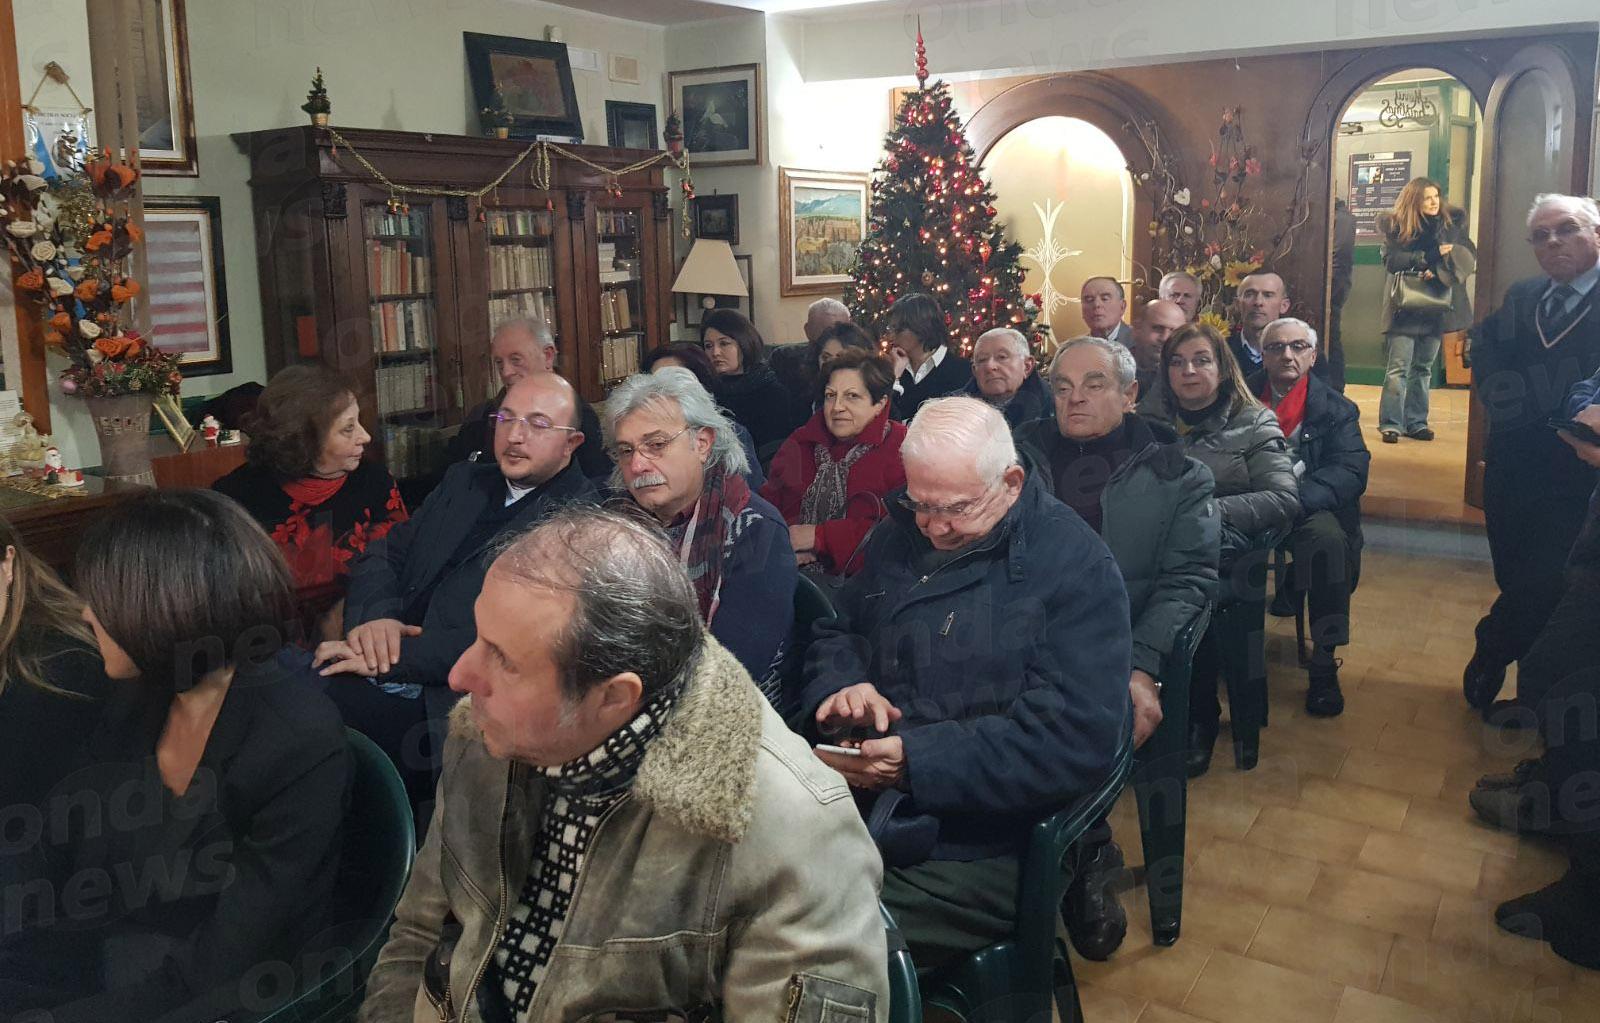 Pubblico romanzo Intrigo a Ischia - Padula 28-12-17